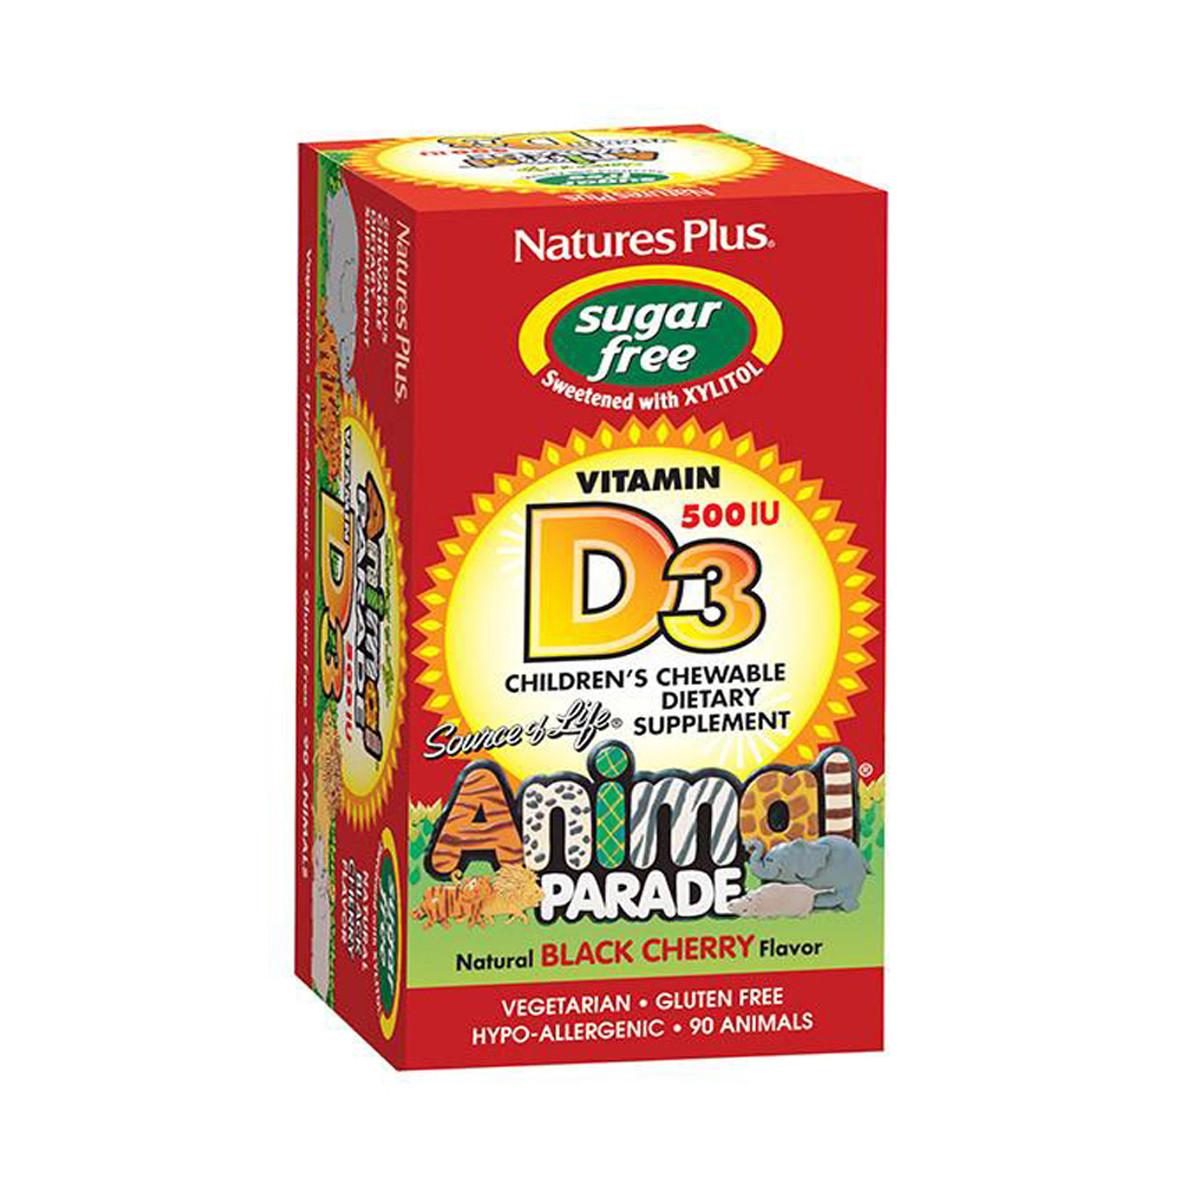 Витамин D3 для Детей без Сахара, Вкус Черной Вишни, Animal Parade, Natures Plus, 90 жевательных таблеток